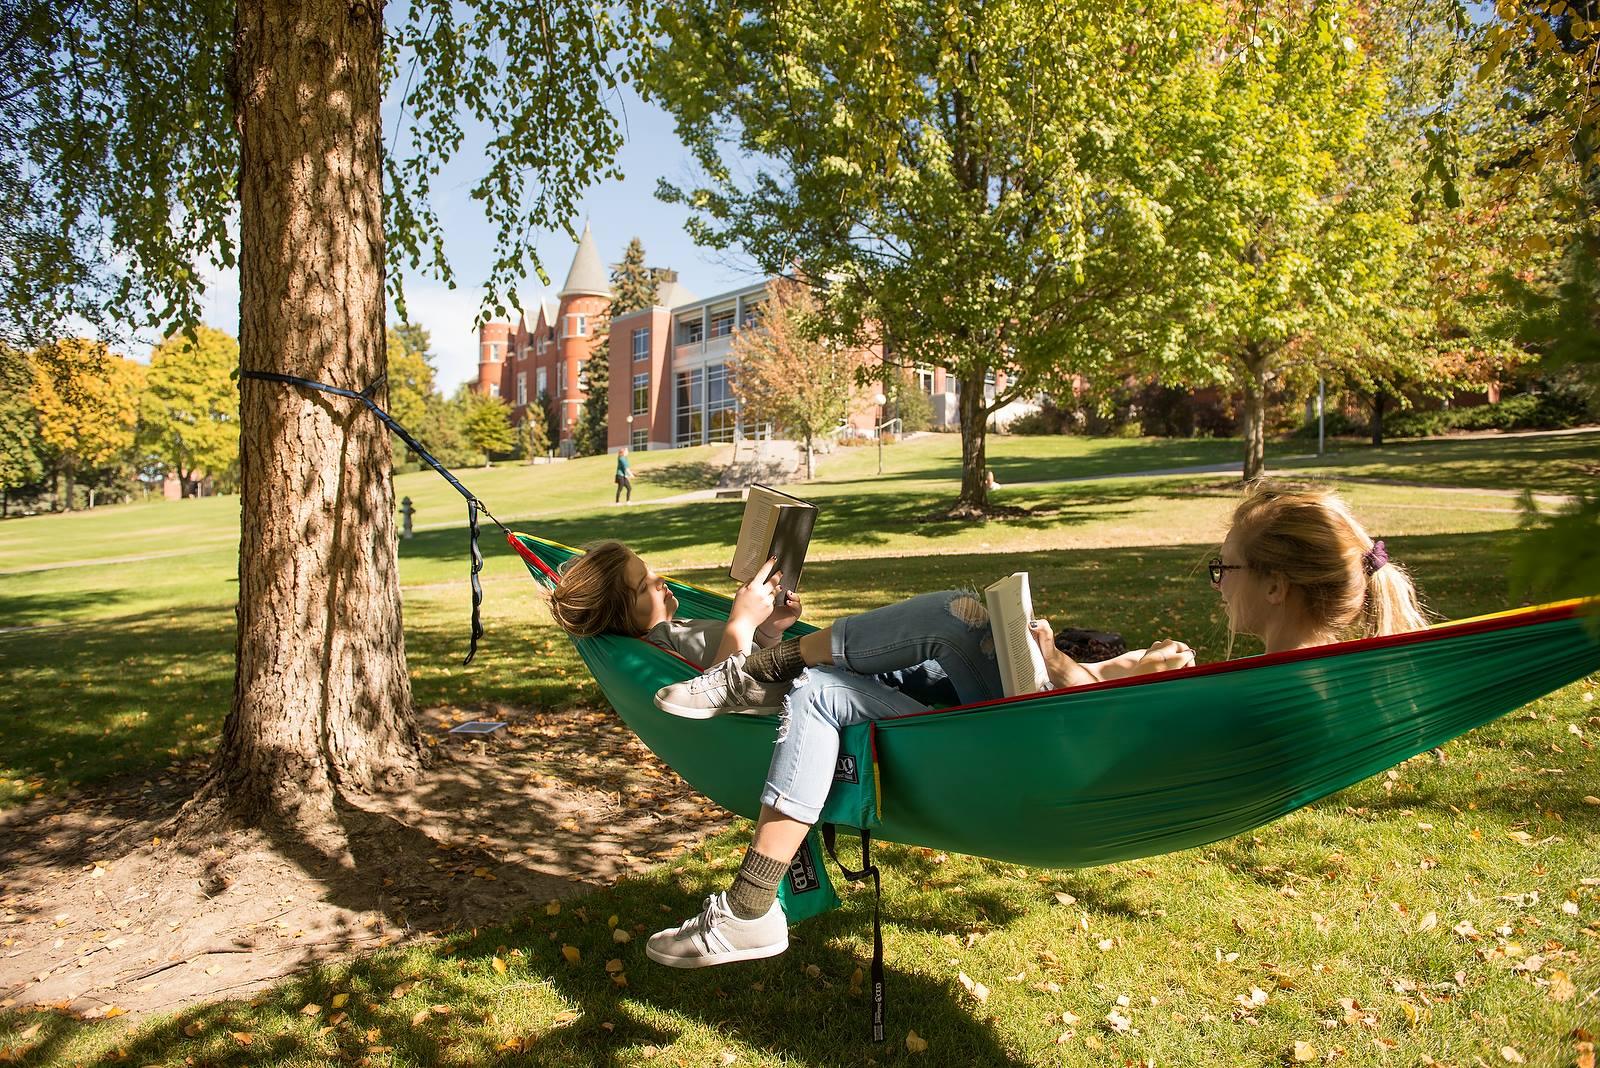 Một cách thư giãn của sinh viên Đại học Washington State